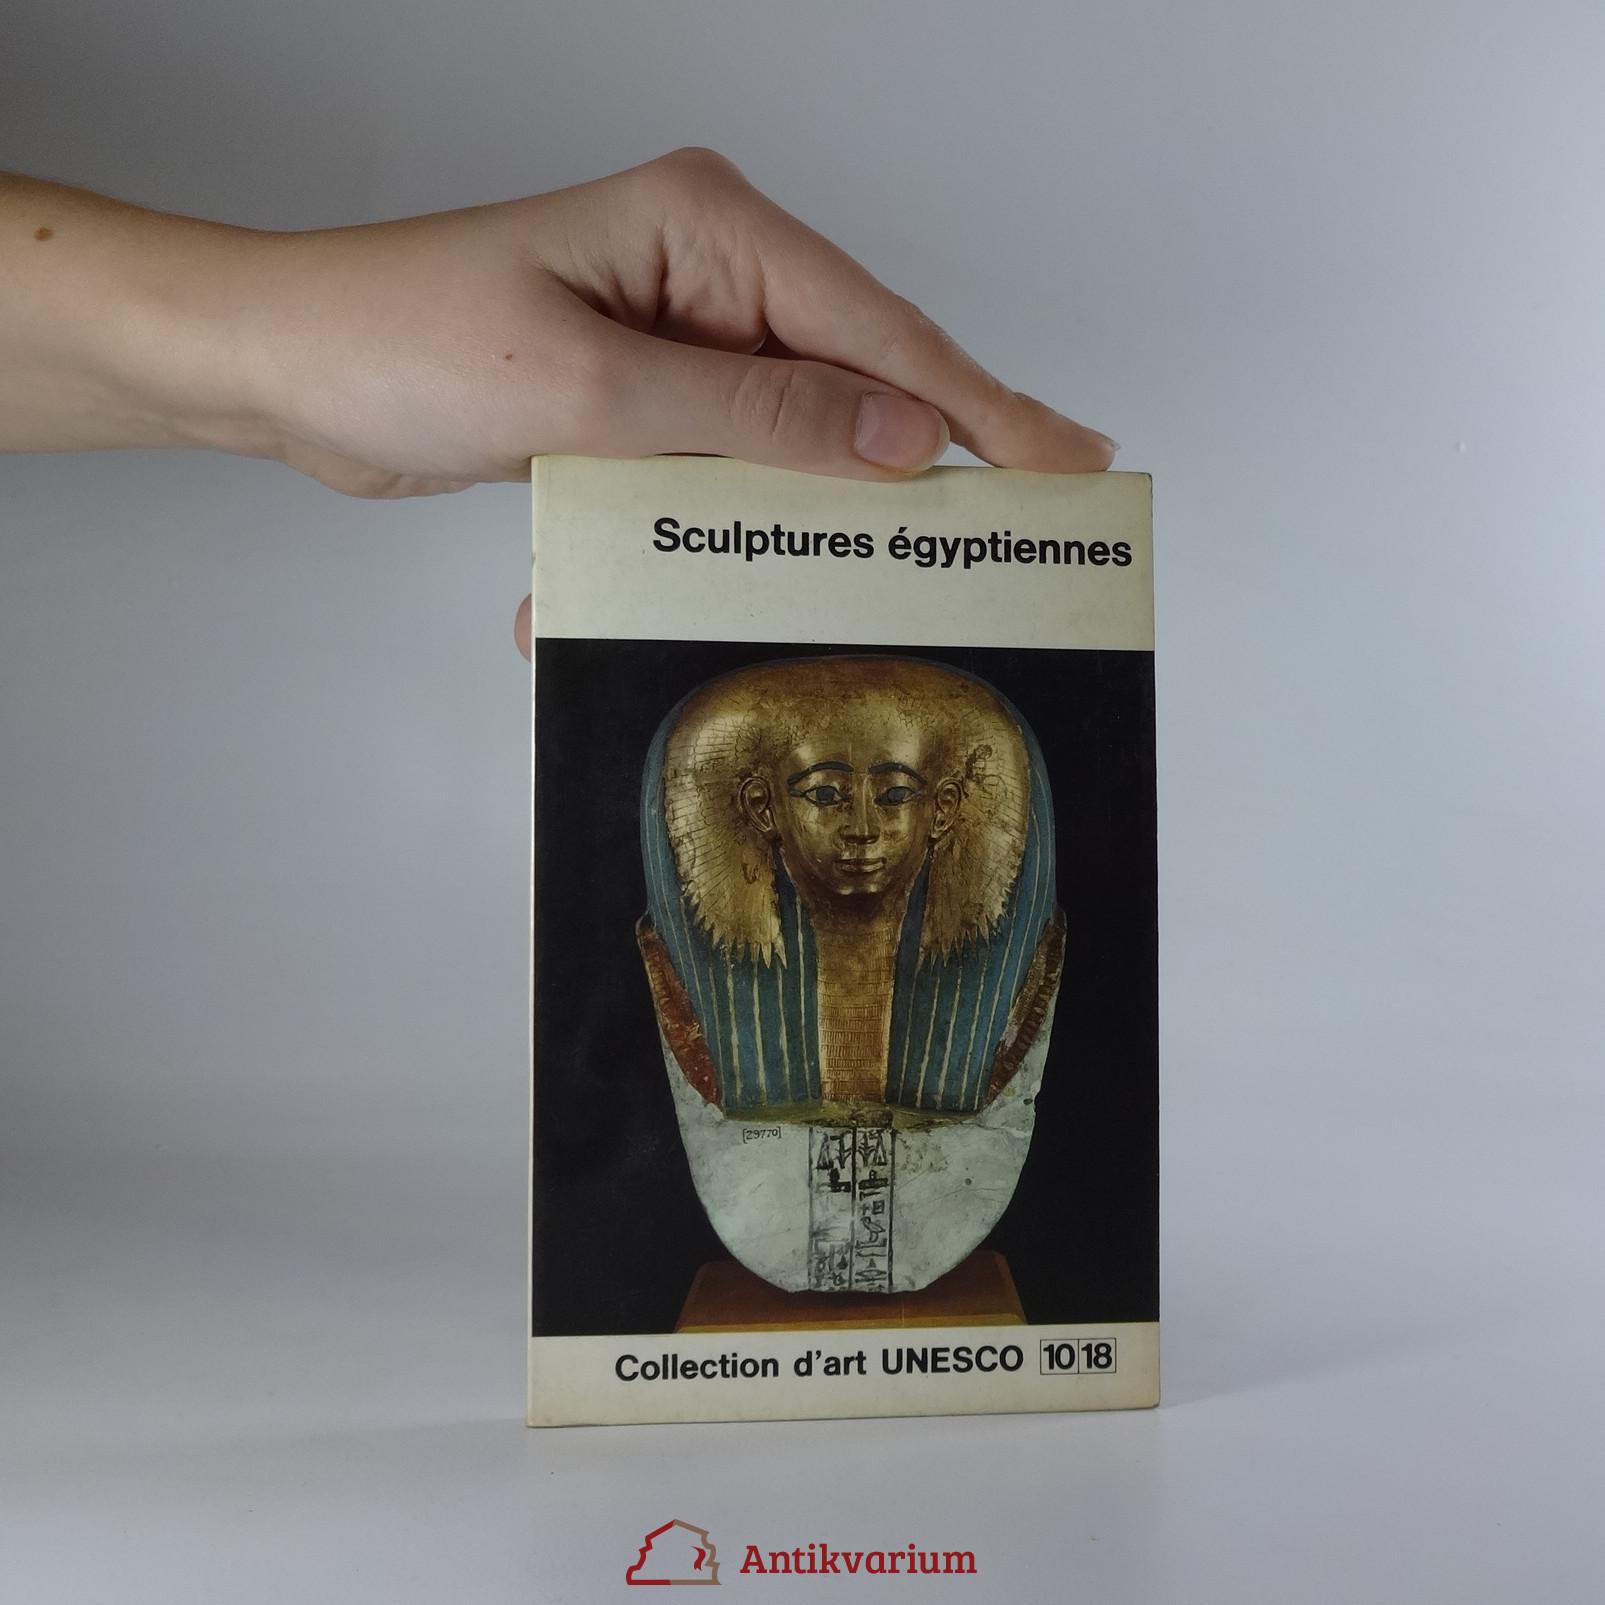 antikvární kniha Sculptures égyptiennes, 1966